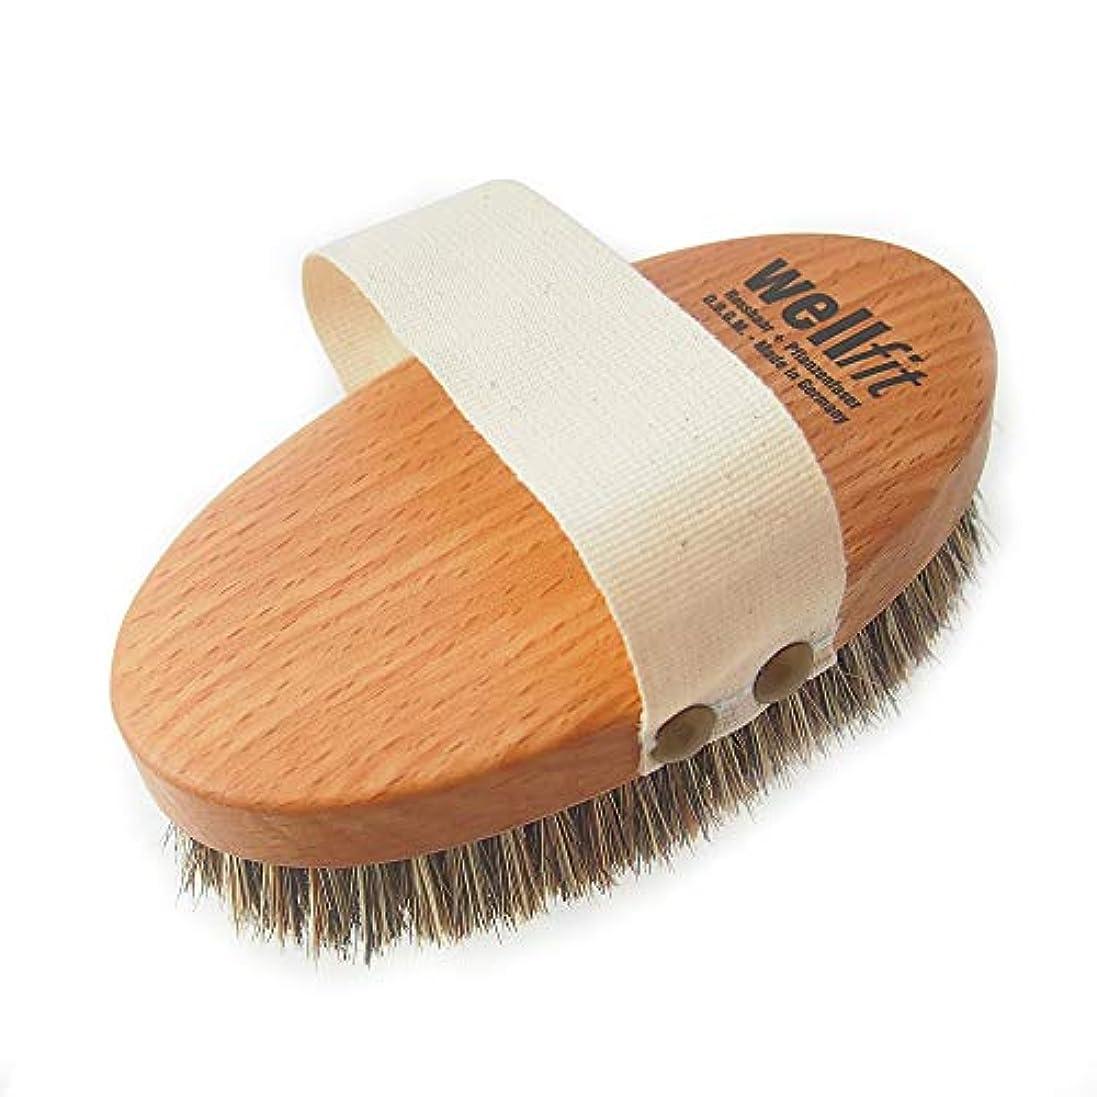 同意する不忠二度レデッカー Redecker マッサージブラシ(ミディアムハード 馬毛と植物毛の混毛植毛) 正規品